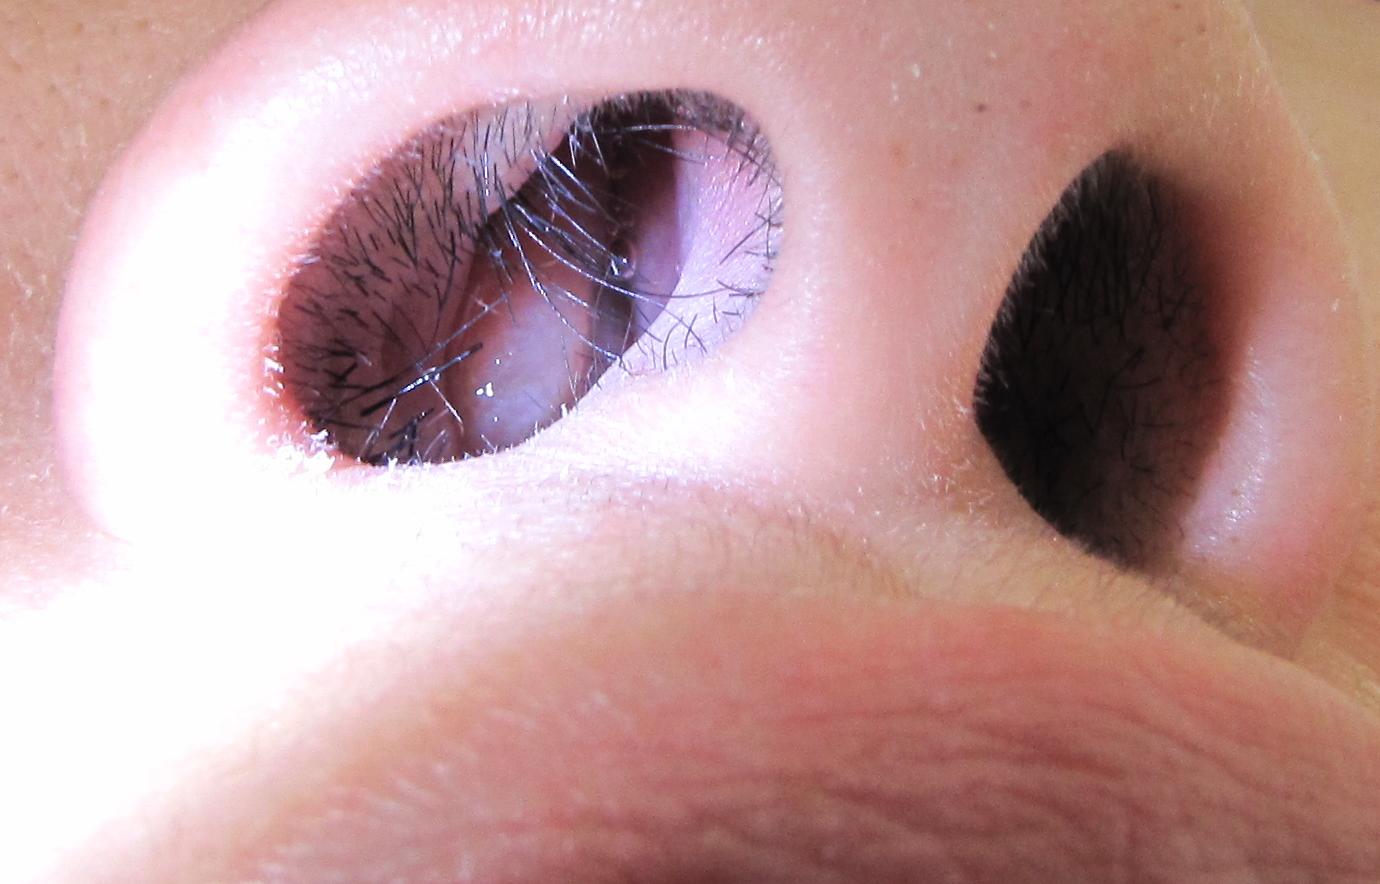 Squamous papilloma nasal icd 10